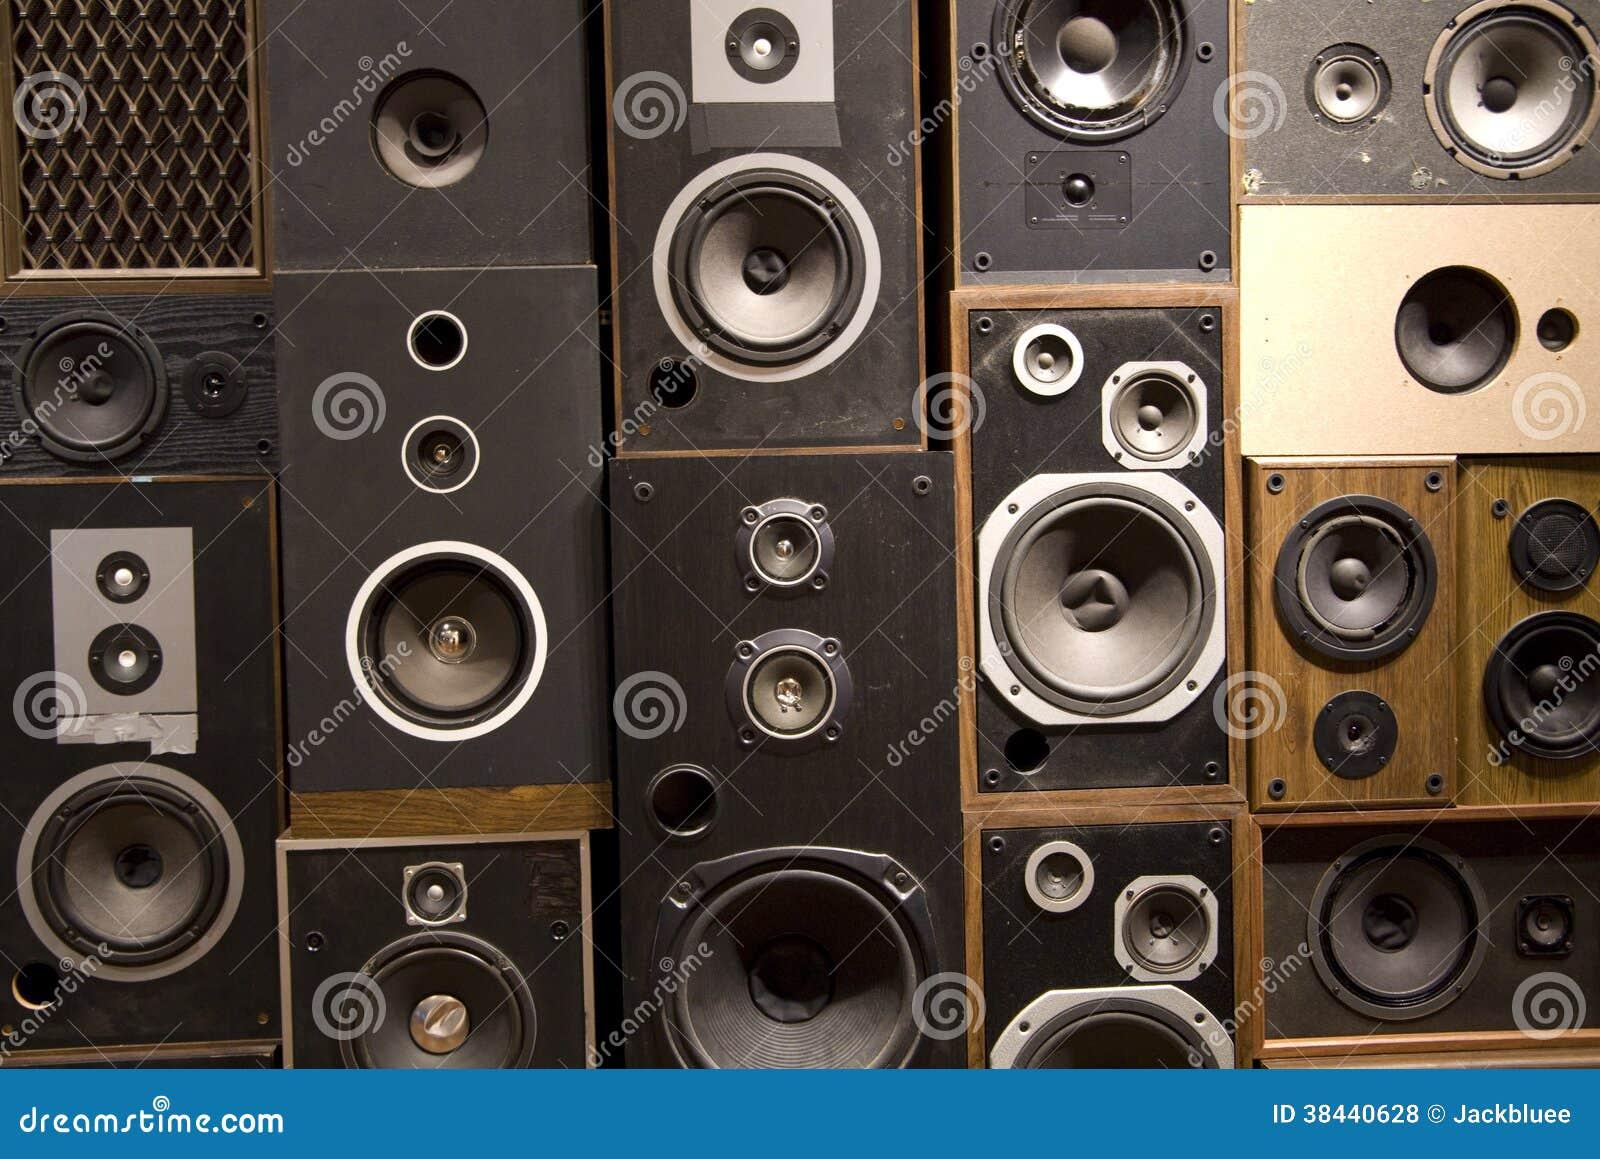 Vieux haut-parleurs